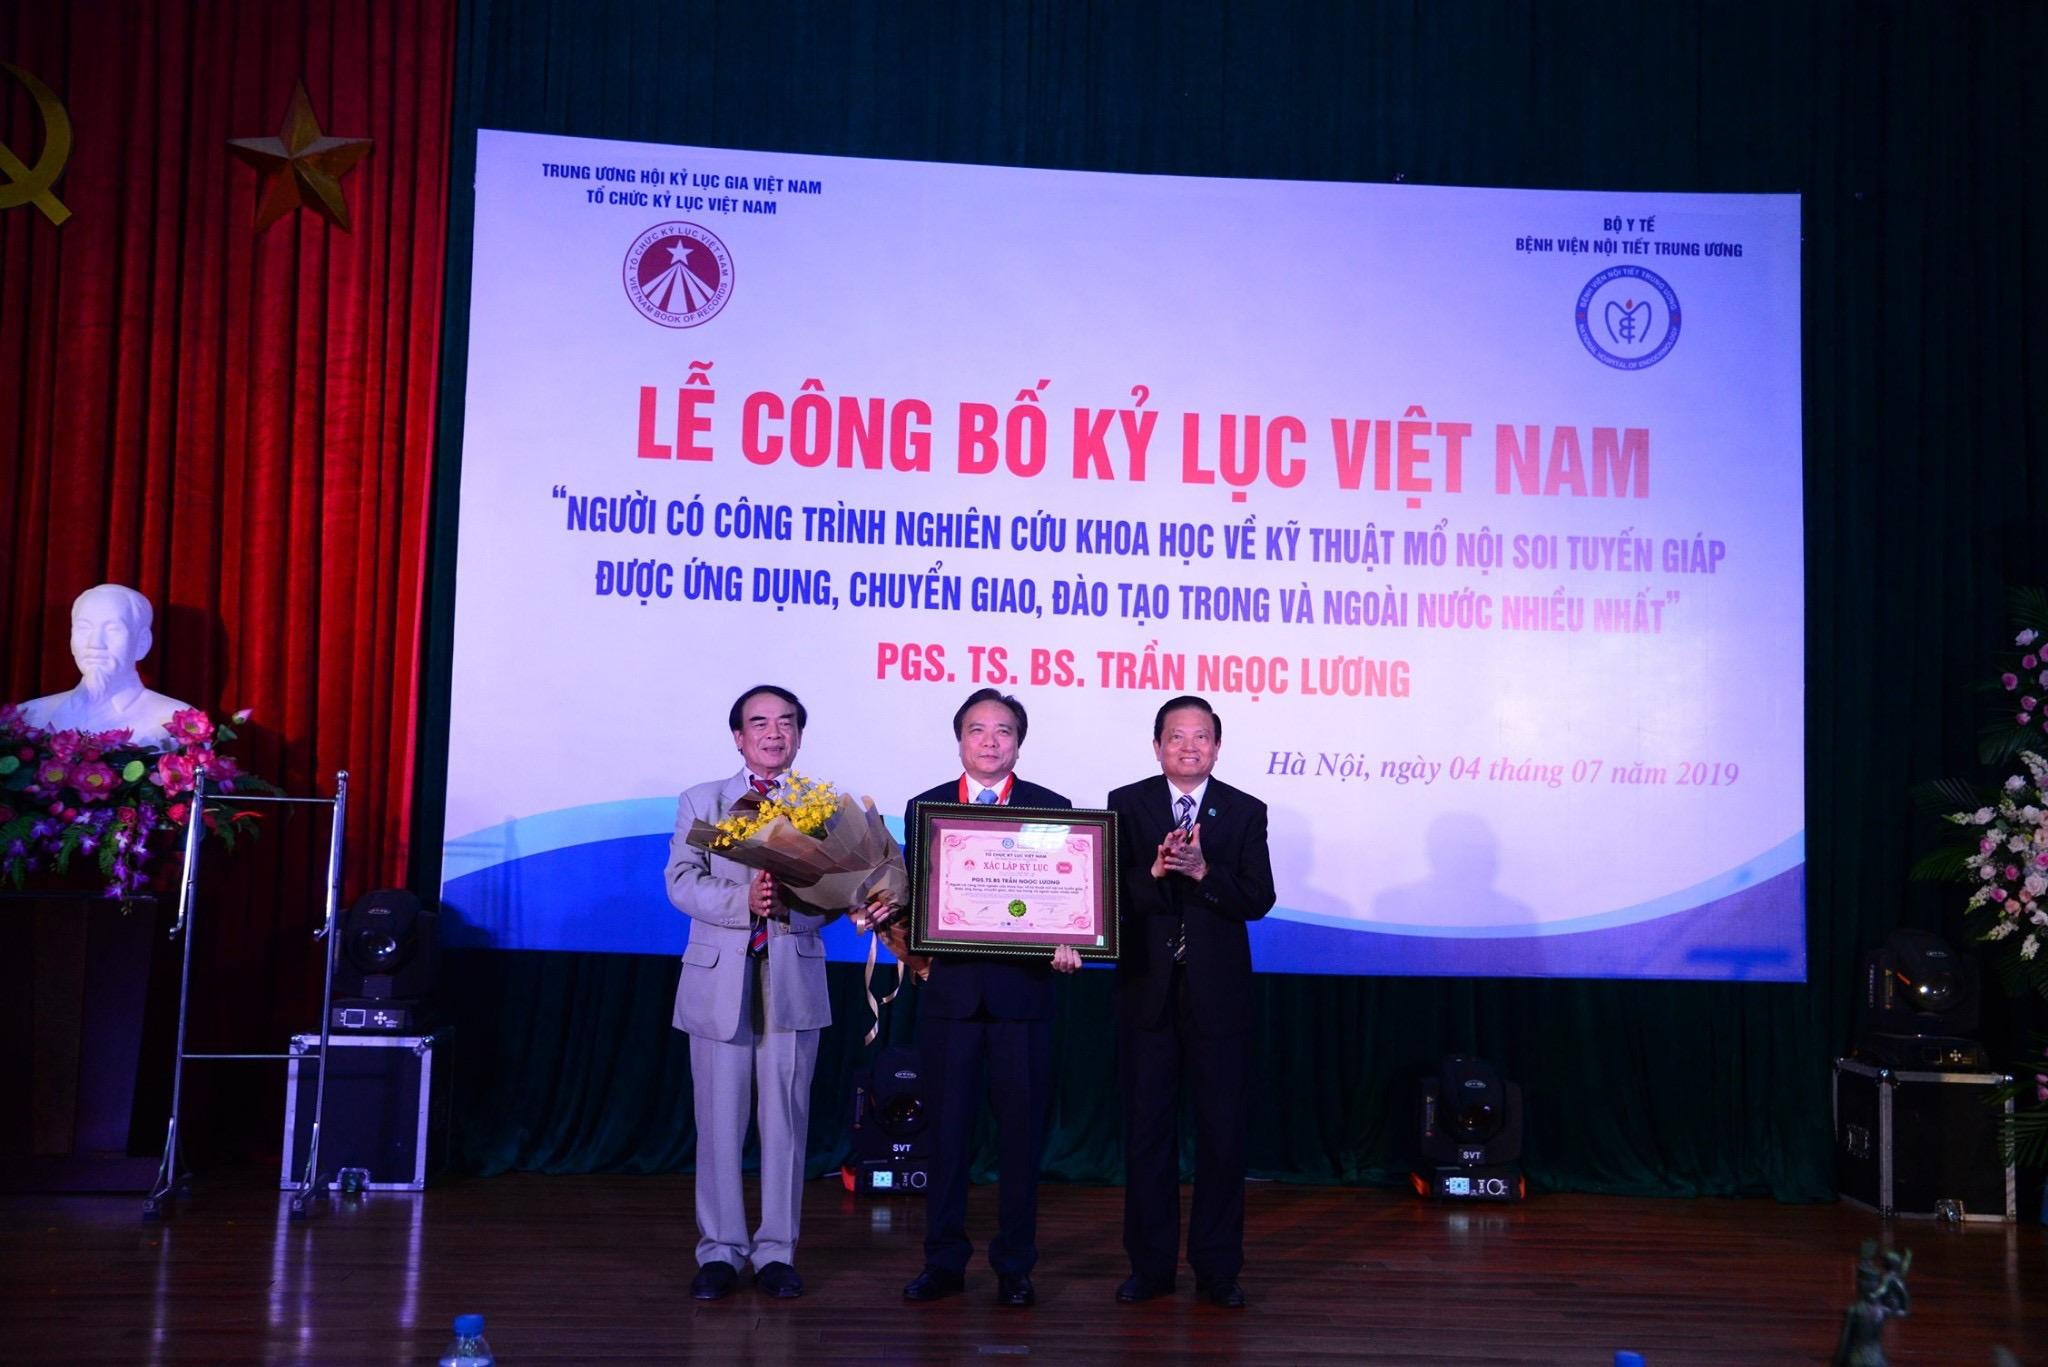 TTND PGS TS Trần Ngọc Lương xác lập kỷ lục Việt Nam Ảnh 1